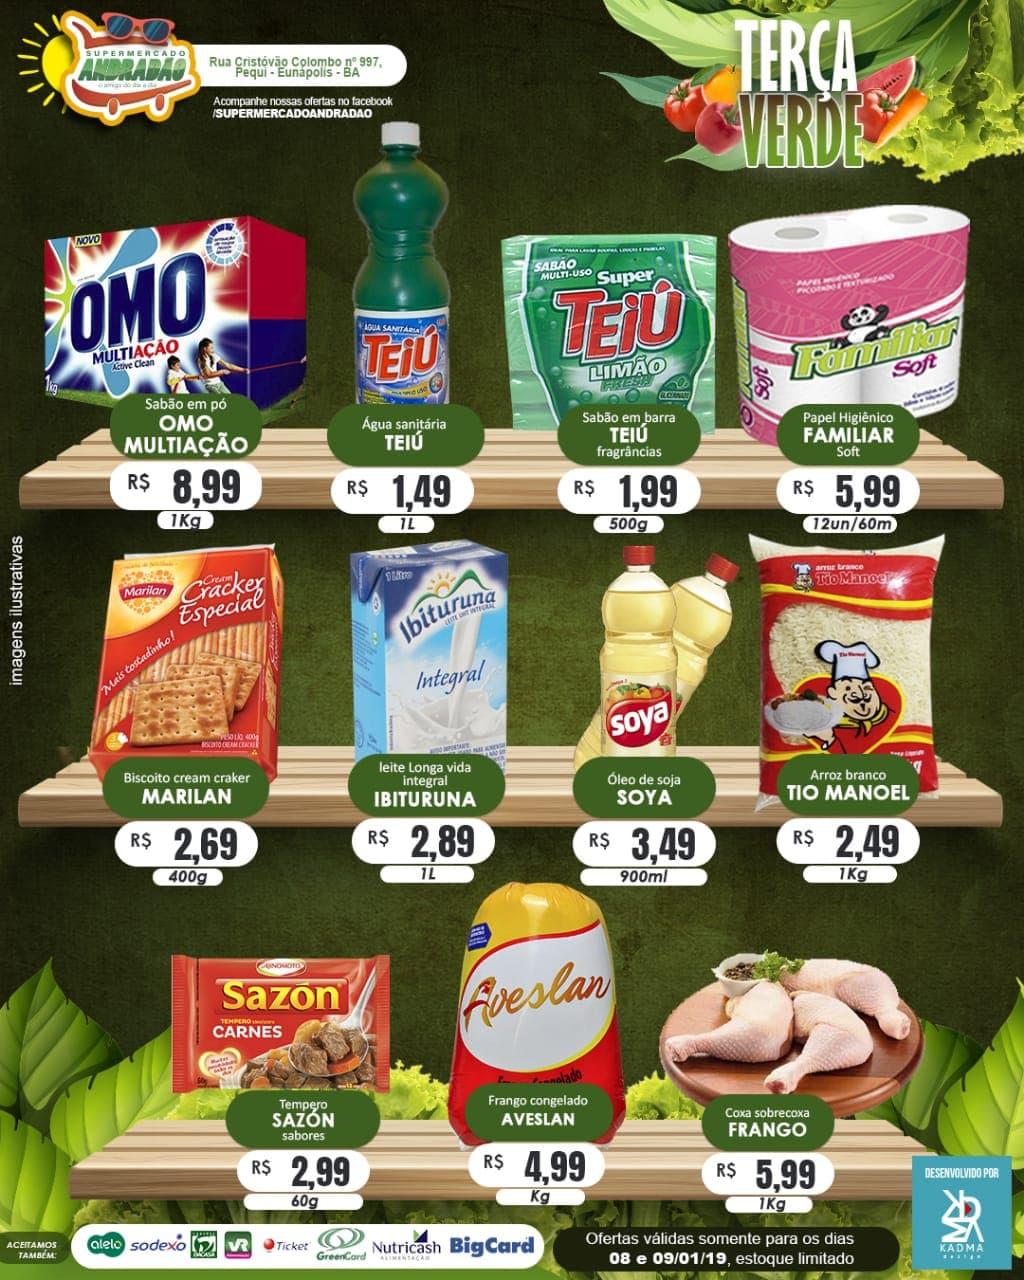 Confiram as ofertas desta terça verde! 08 a 09/01/19 – Supermercado Andradão 2